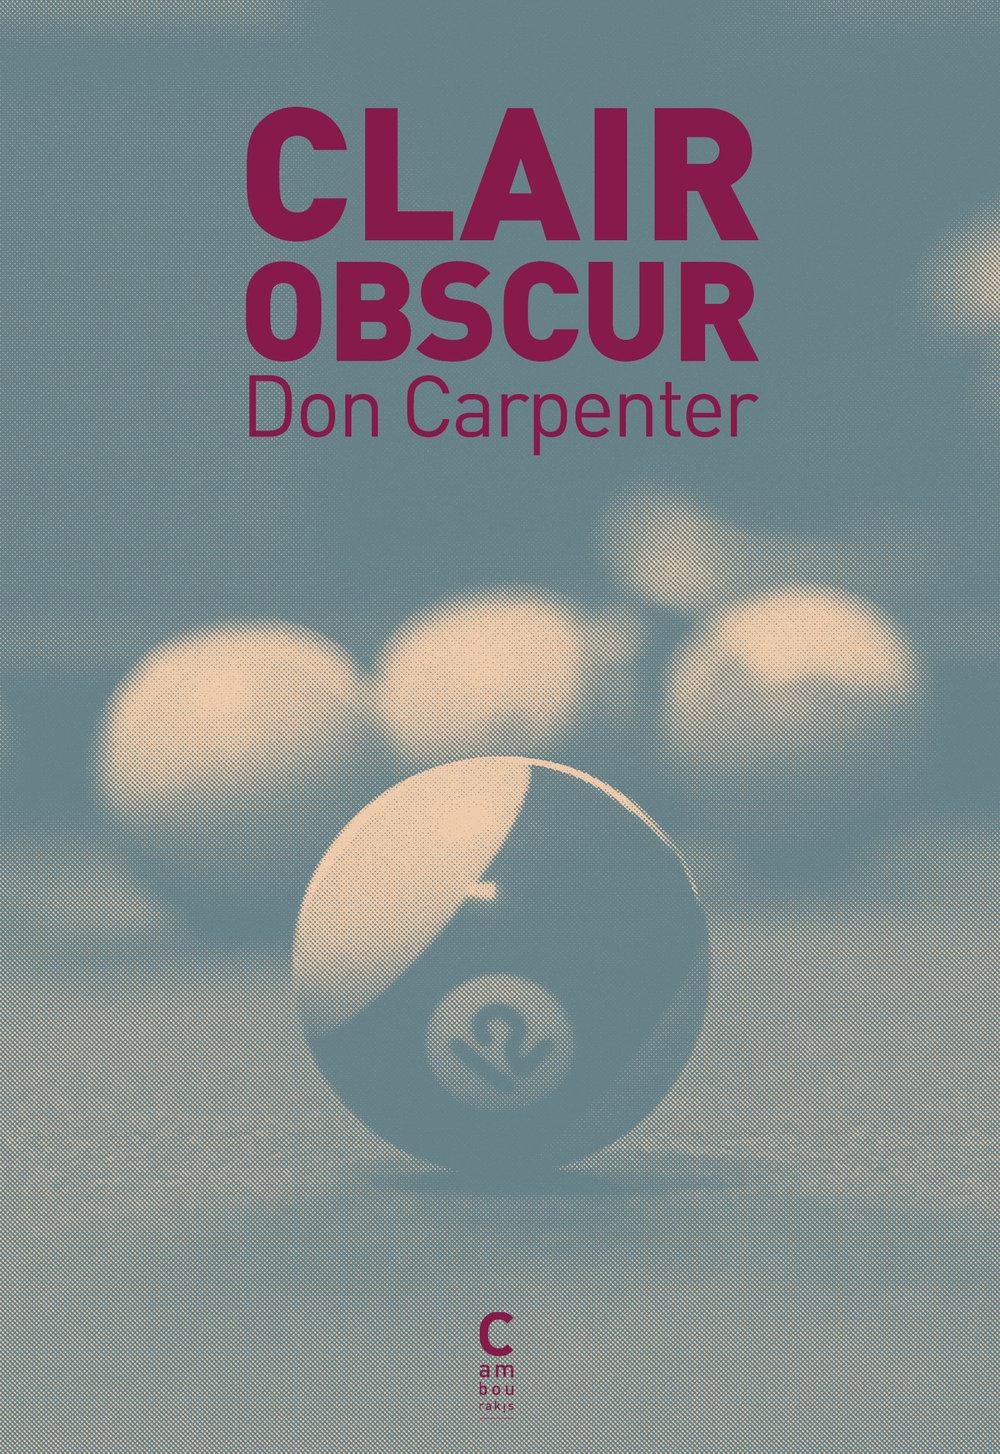 Des vies en clair obscur brossées finement par Don Carpenter - Livres | «Clair obscur» est un nouveau roman inédit de Don Carpenter, dans la droite lignée de «Sale temps pour les braves». En Californie et dans ses environs, Carpenter nous plonge aux côtés de petits mafieux et de désaxés qui se croisent à l'adolescence, se perdent de vue après un drame qui va bouleverser leurs existences et se retrouvent des années plus tard. Variations sur la fuite du temps et ses implications.